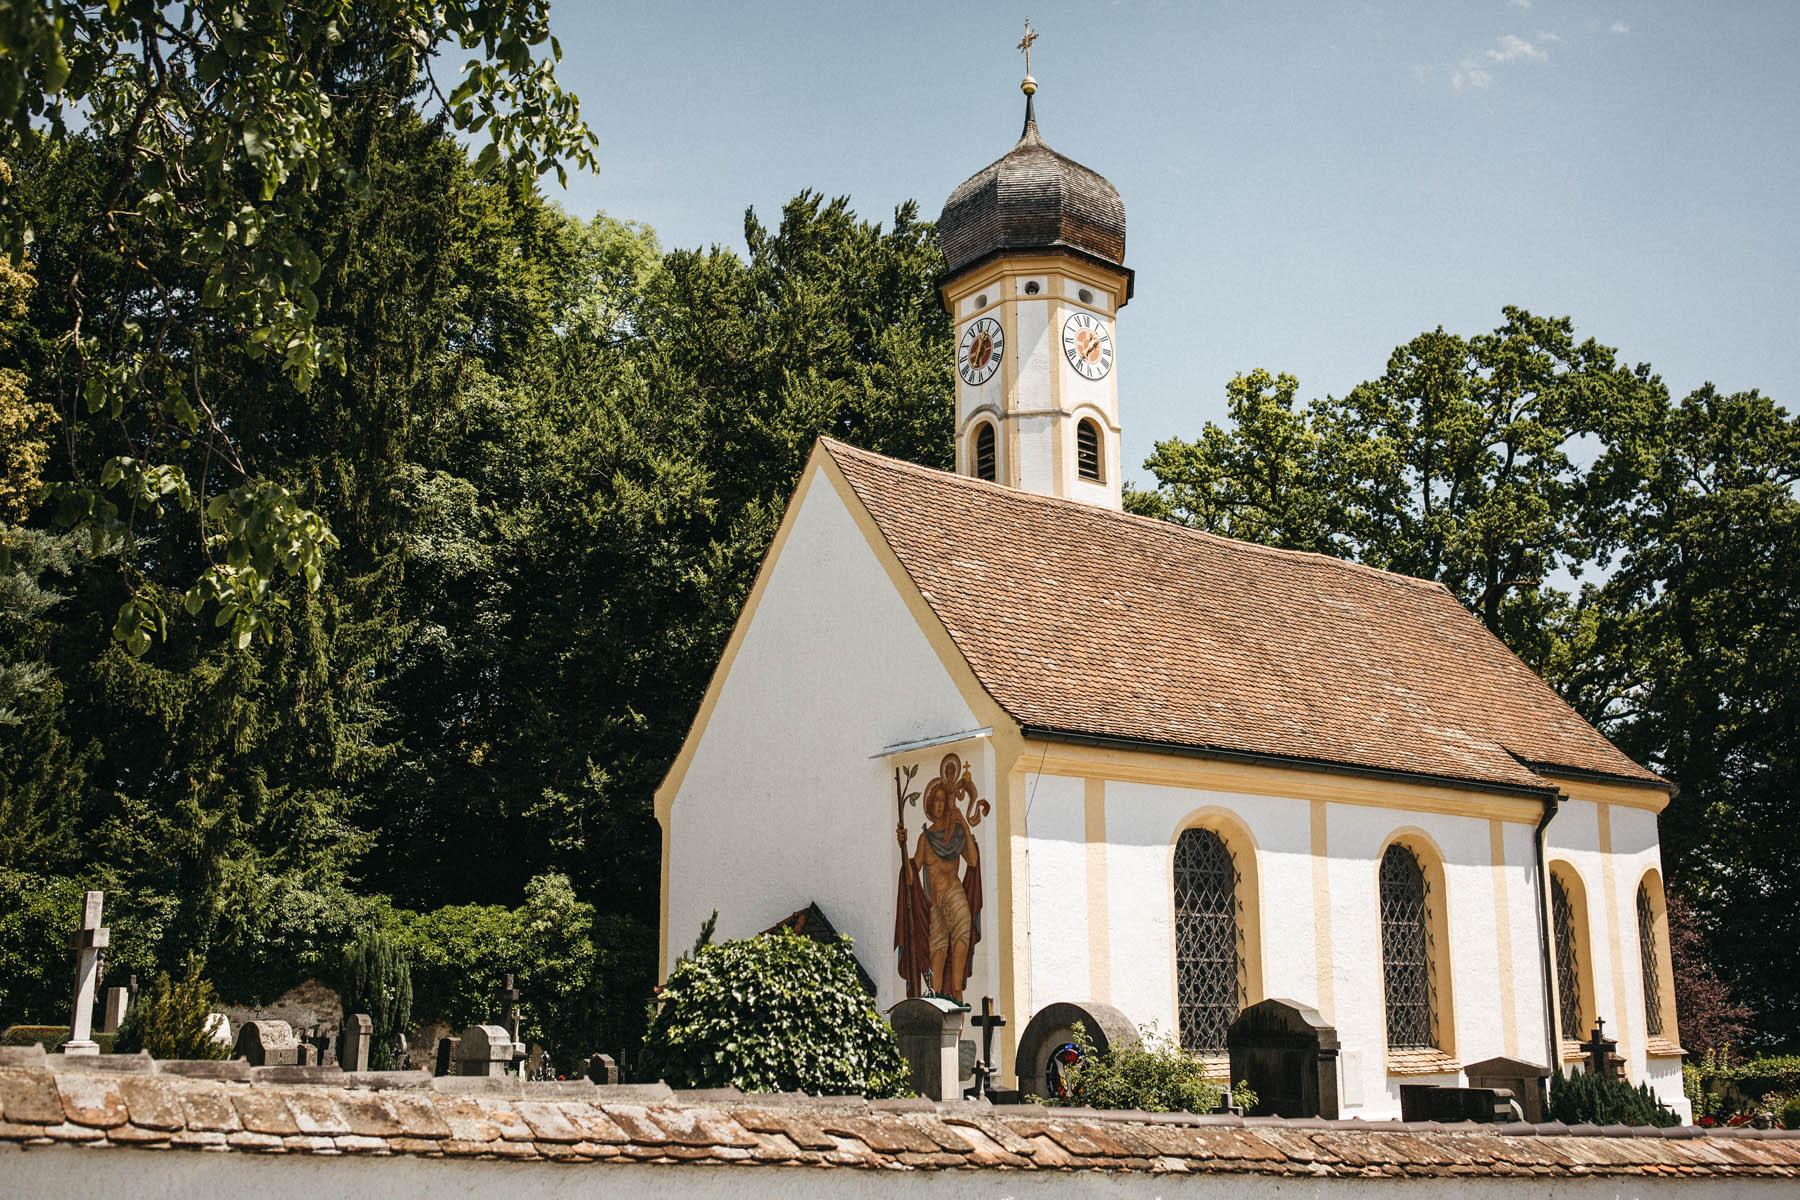 Hochzeit in der St. Peter und Paul Kirche am Starnberger See | Raissa + Simon Fotografie